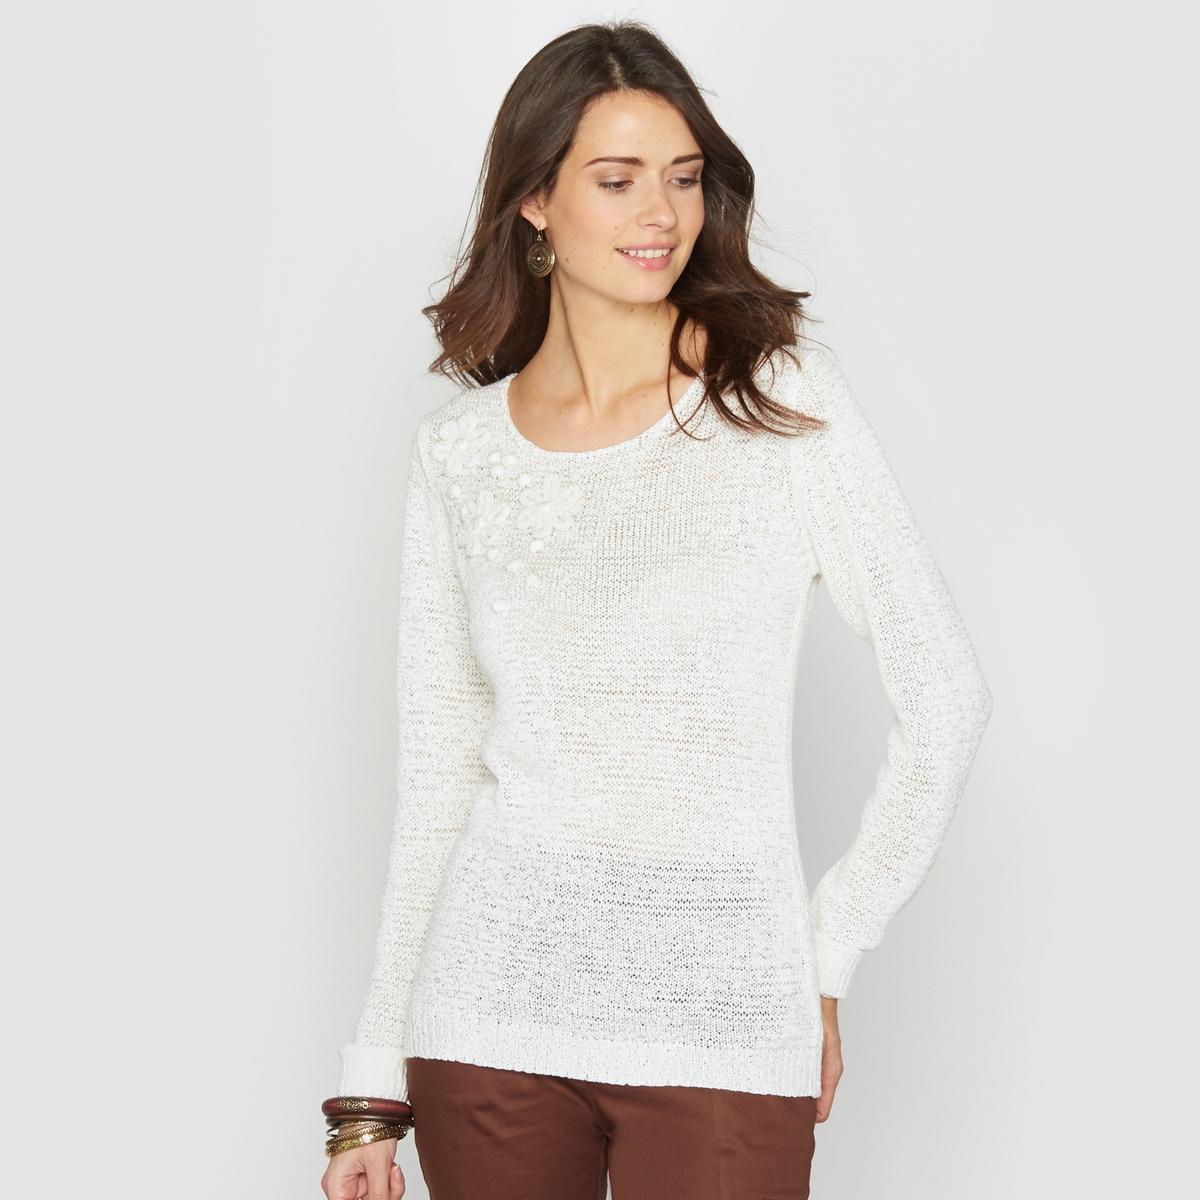 Пуловер из трикотажаПриятный в носке пуловер . Пуловер с круглым вырезом и аппликацией в виде цветов из трикотажа .Состав и описание :Материал : Трикотаж 75% акрила, 25% полиамида .Длина 62 см.Марка : Anne WeyburnУход :Машинная стирка при 30° в умеренном режиме .Гладить при умеренной температуре.<br><br>Цвет: экрю<br>Размер: 42/44 (FR) - 48/50 (RUS)